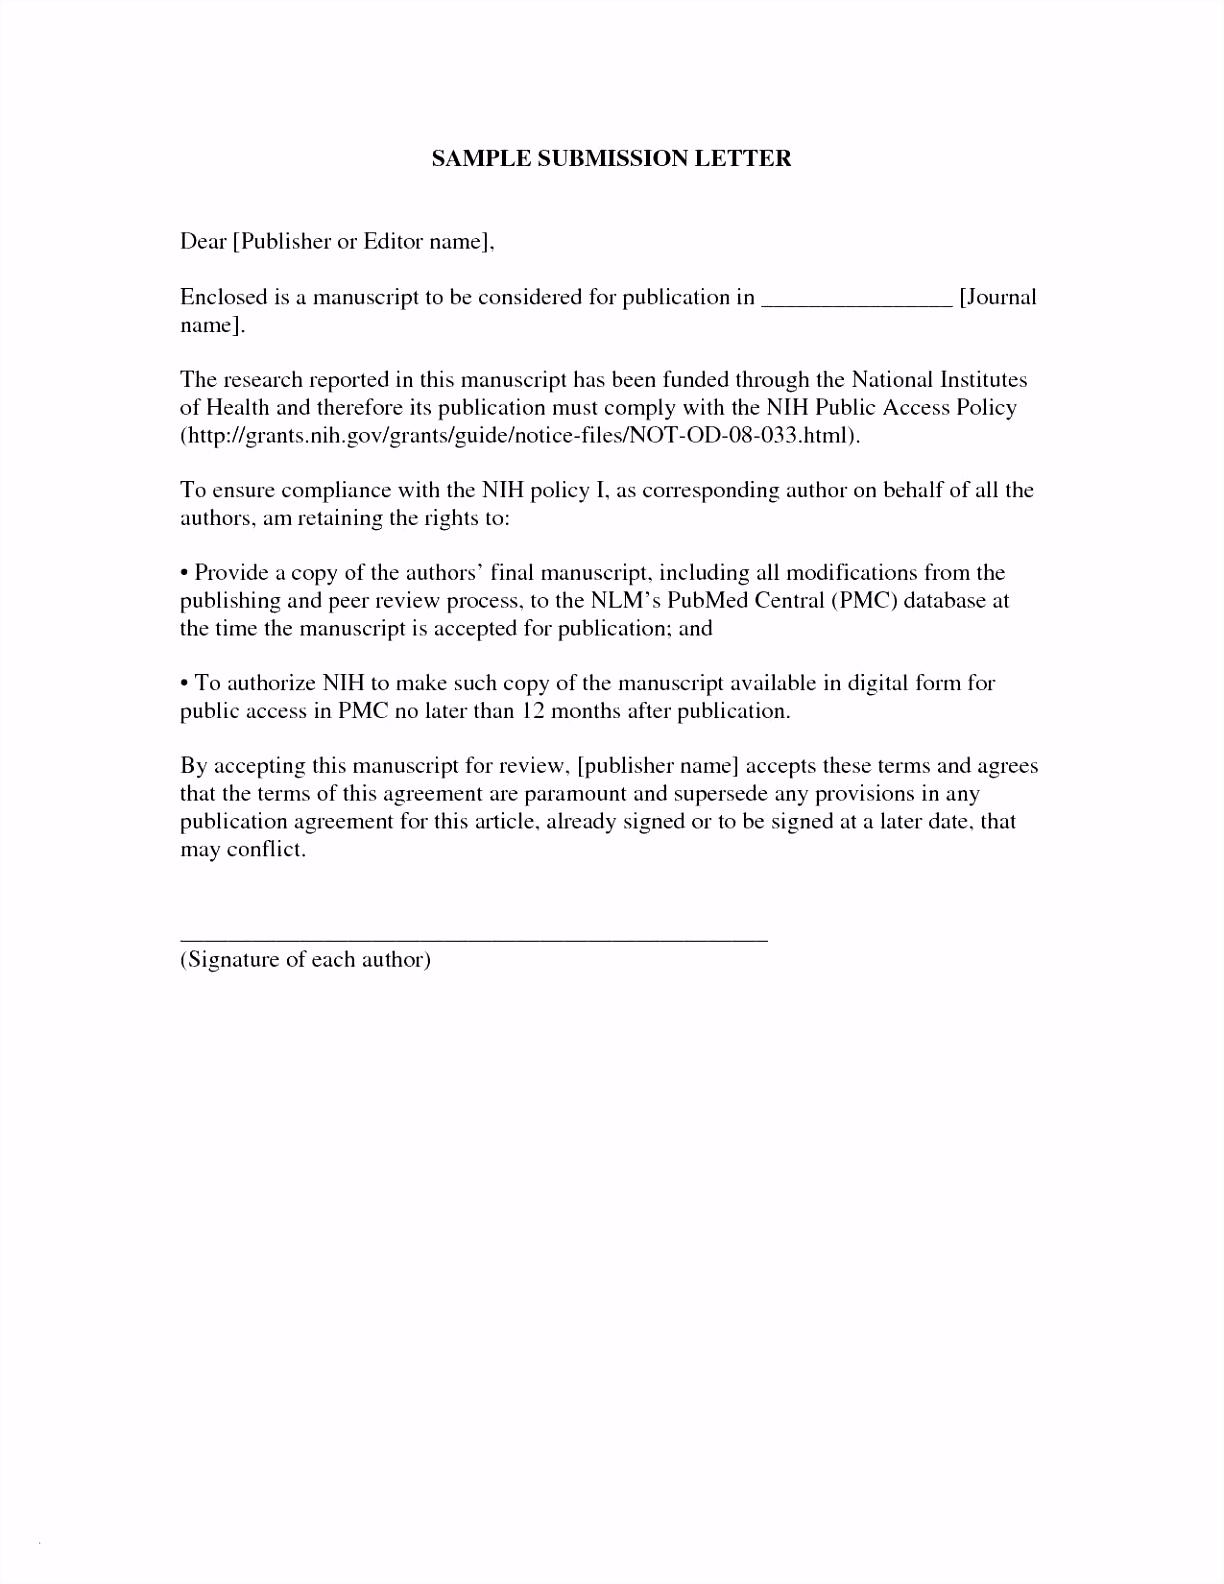 Padagogische Planung Vorlage 15 Bewerbung Einzelhandelskaufmann Vorlage O8of12hti0 Z2rt00uuhu